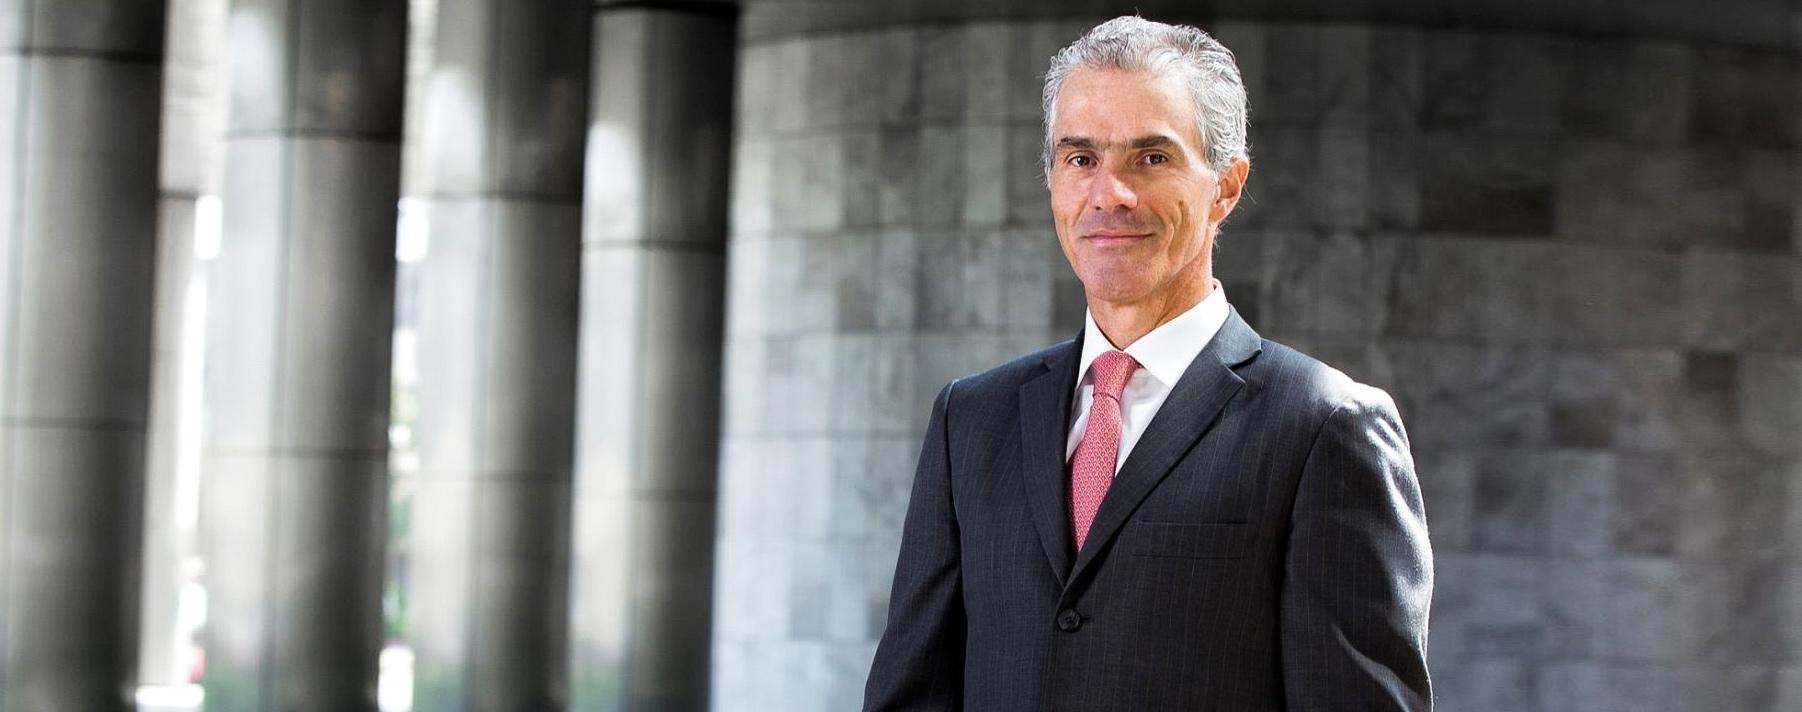 Gianfranco Ferrari. CEO del BCP, le dedica hasta 14 horas a la semana a la práctica del triatlón.